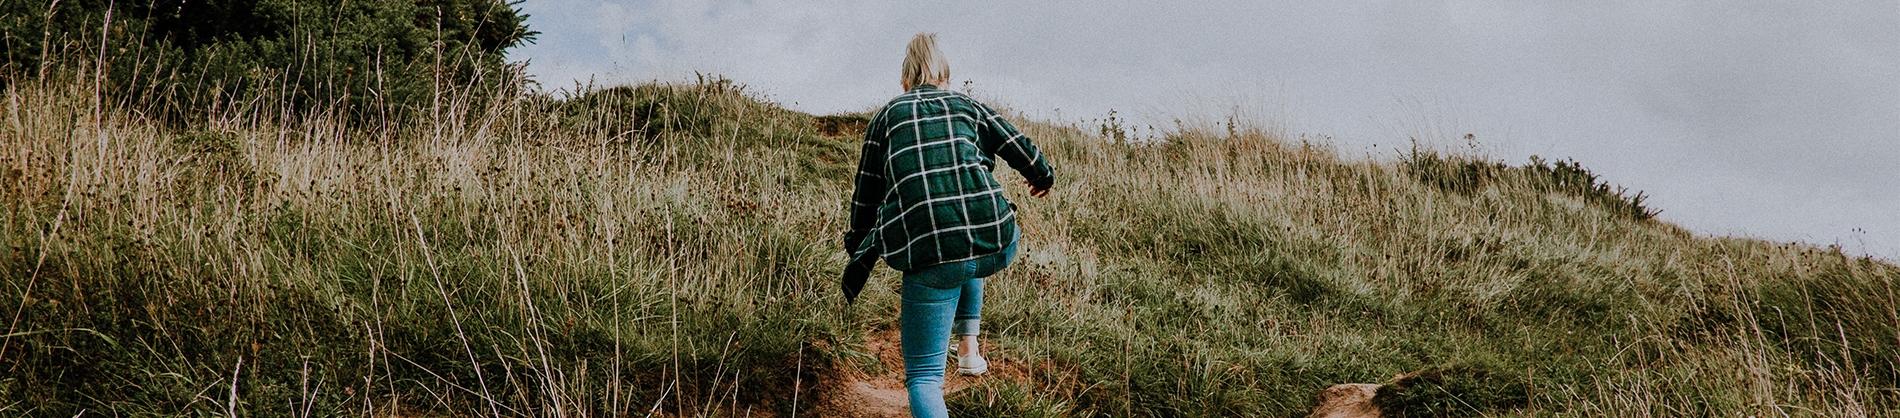 A women climbing up a grassy hill